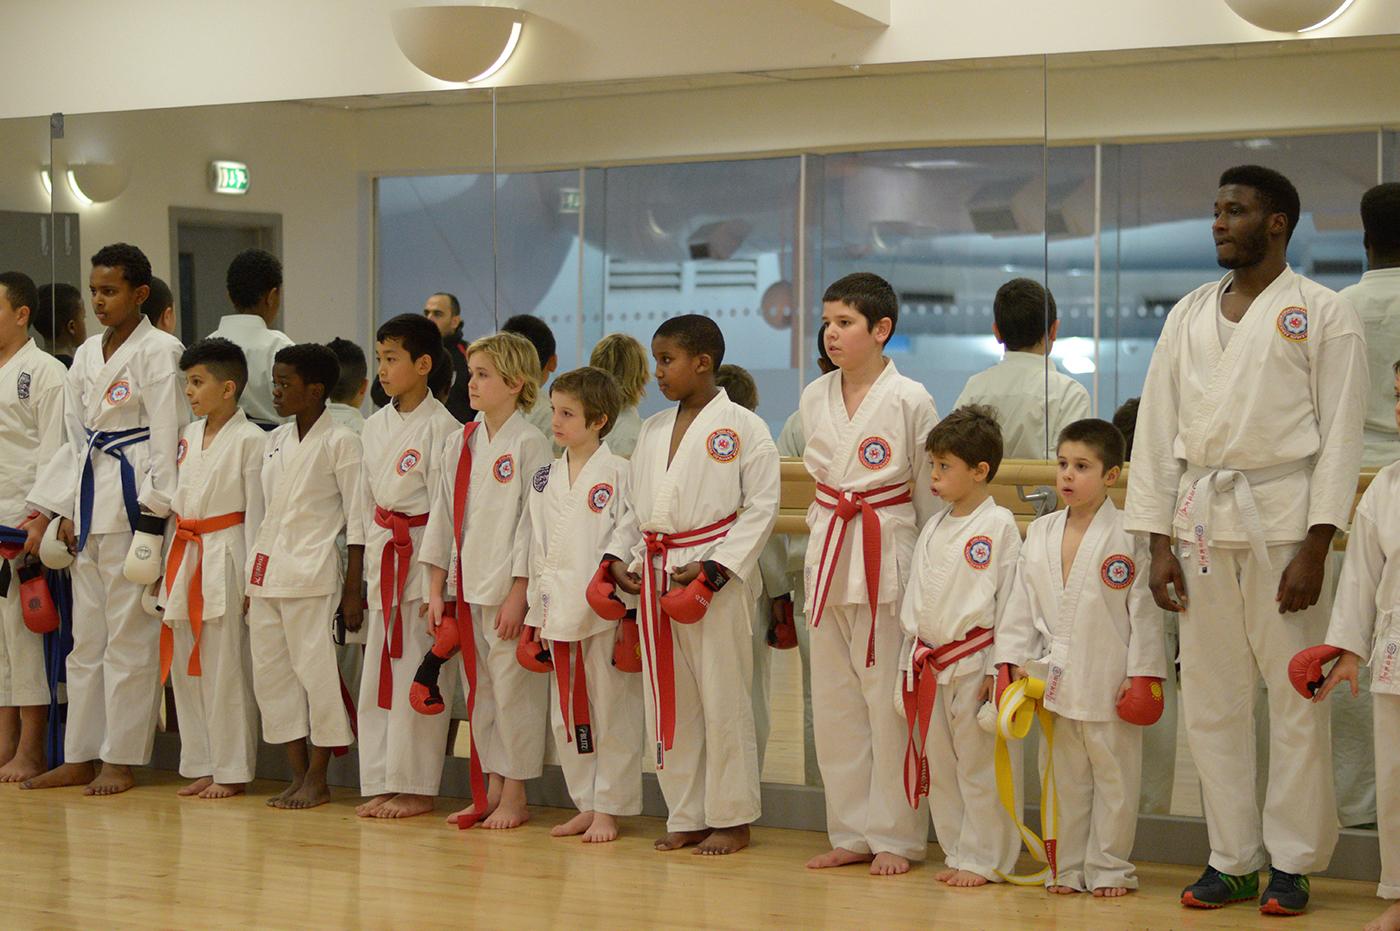 Line up after Grading at Wavelengths Dojo